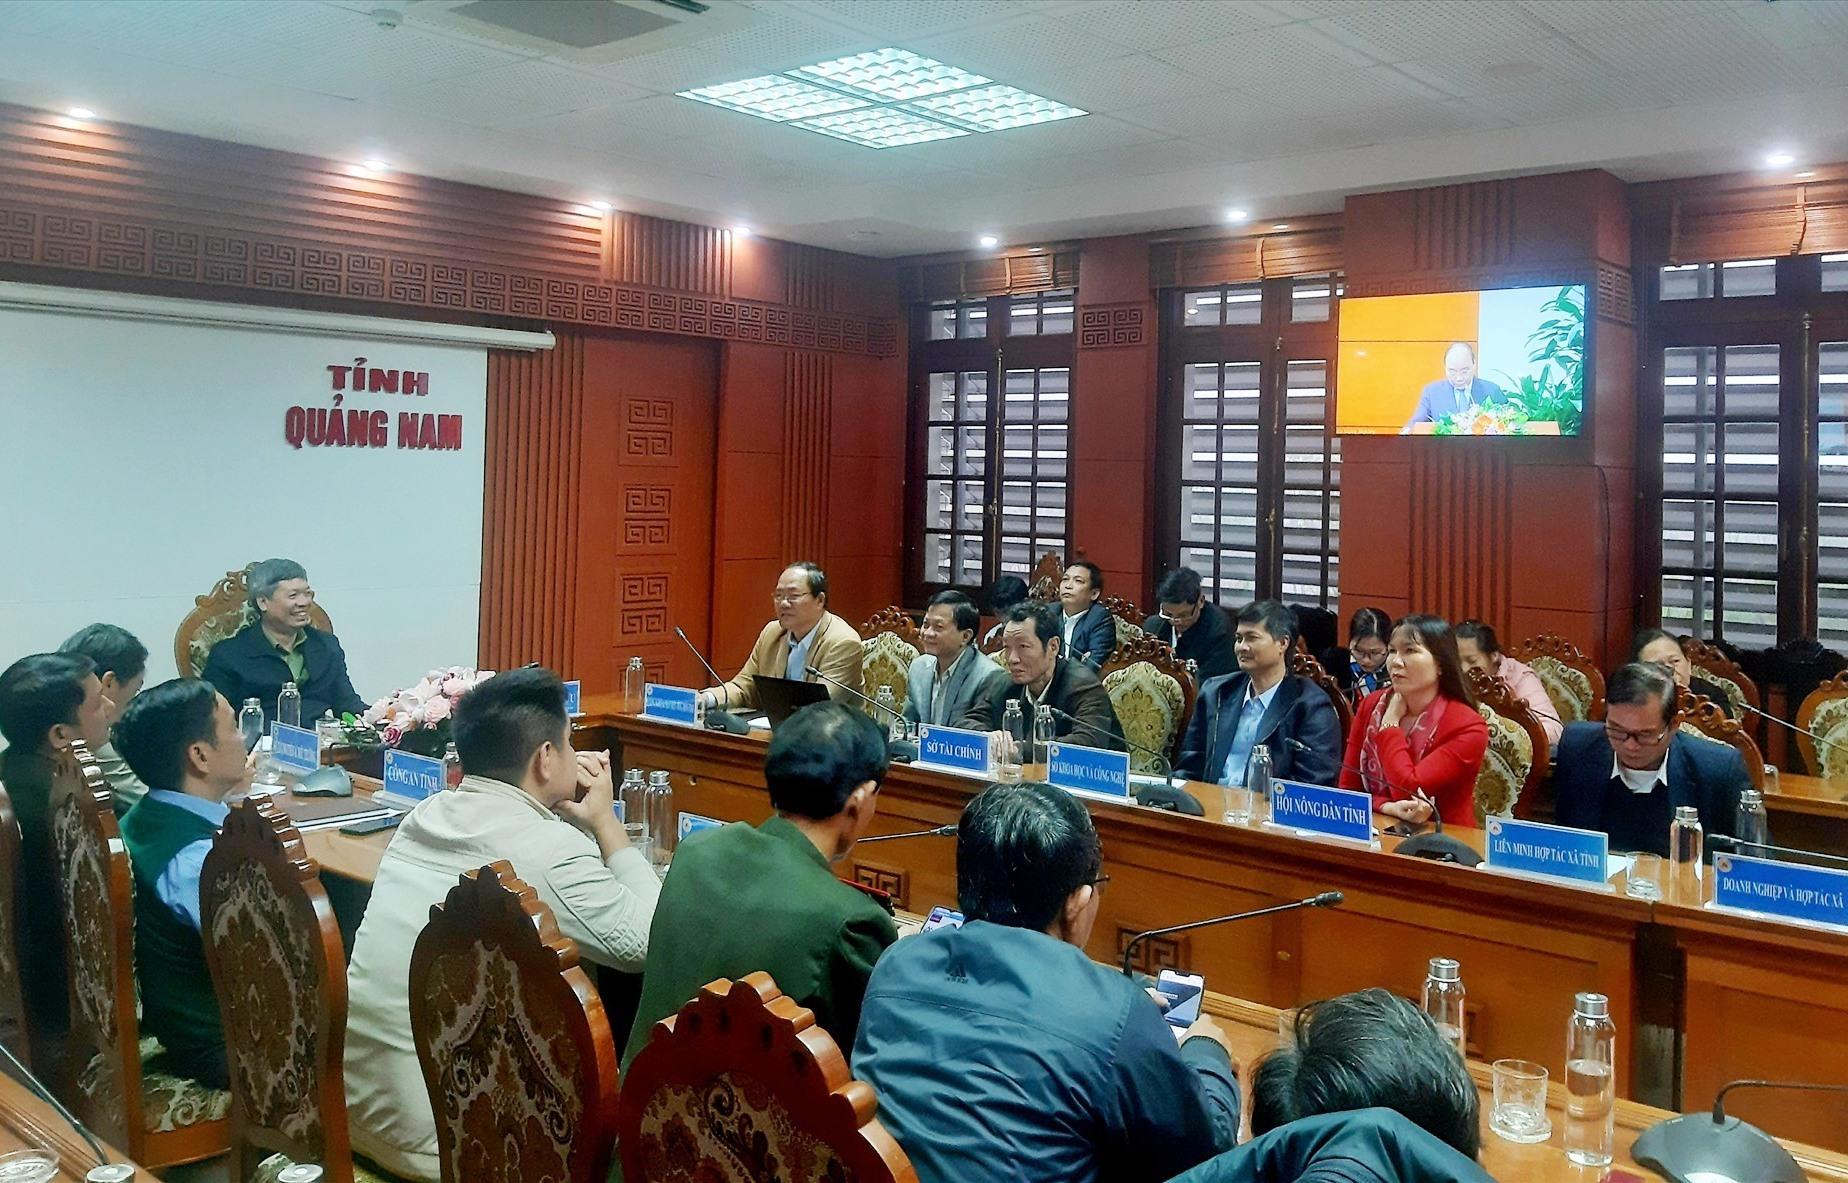 Tham dự tại điểm cầu Quảng Nam có Phó Chủ tịch UBND tỉnh Hồ Quang Bửu và lãnh đạo các ngành liên quan. Ảnh: VĂN SỰ